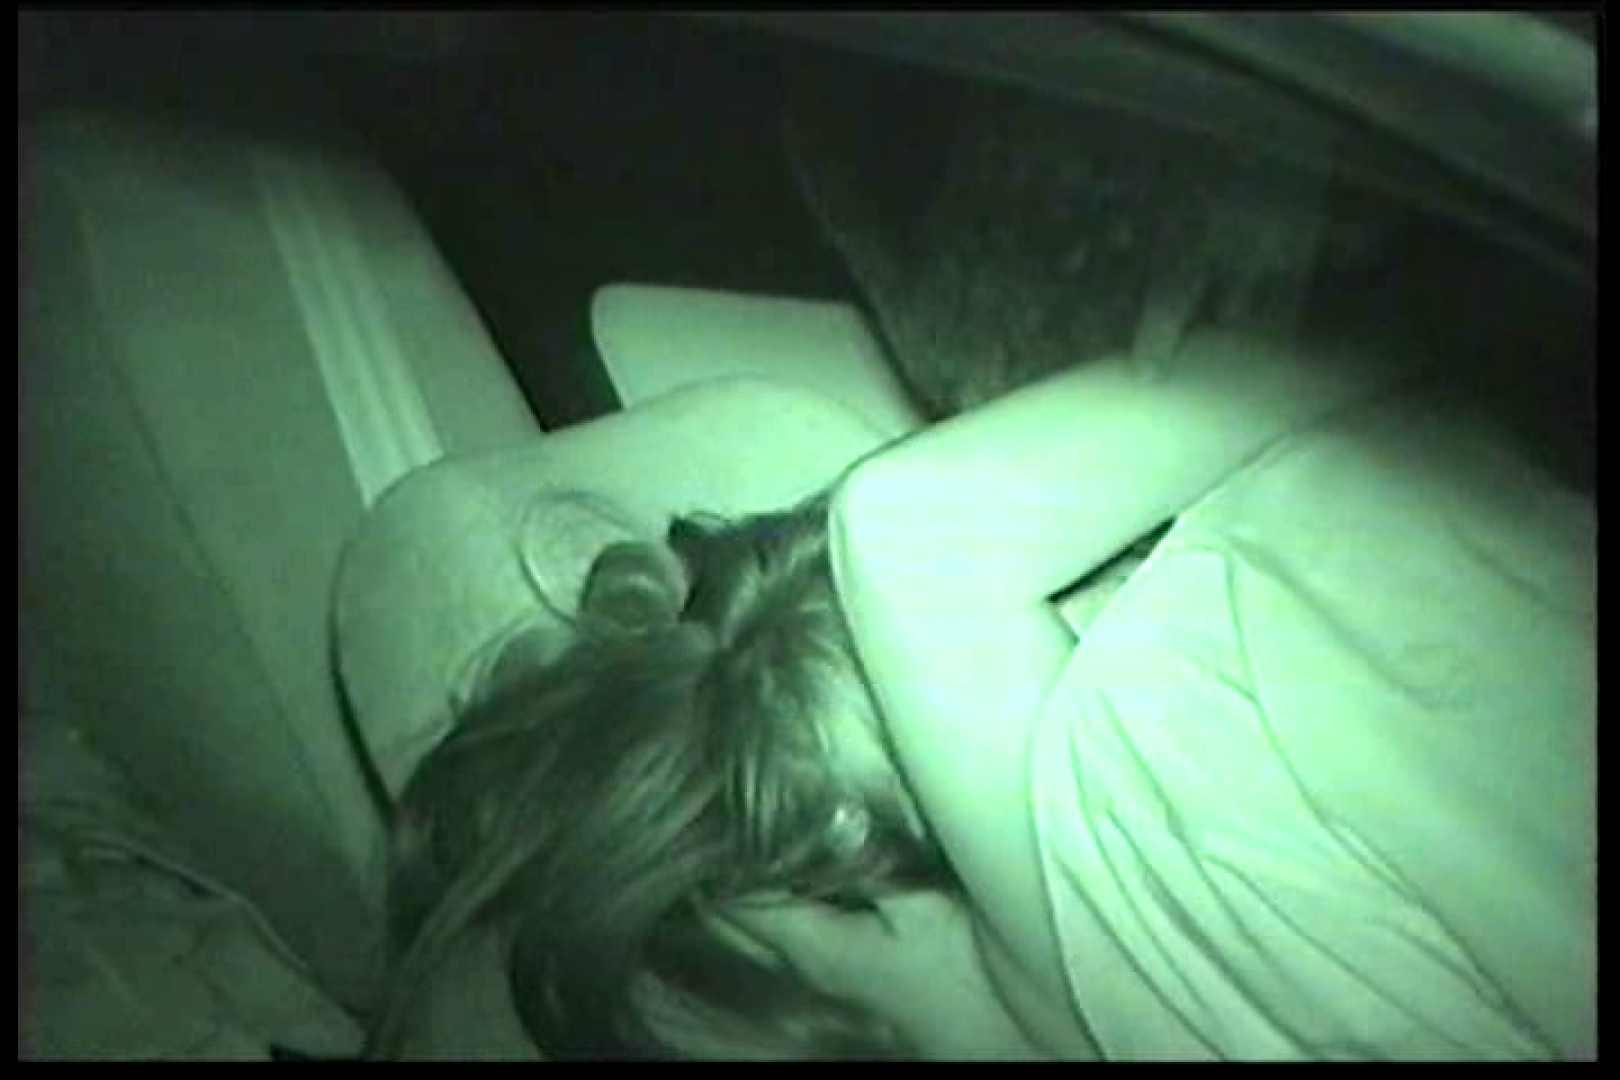 車の中はラブホテル 無修正版  Vol.14 ホテル隠し撮り すけべAV動画紹介 77pic 59